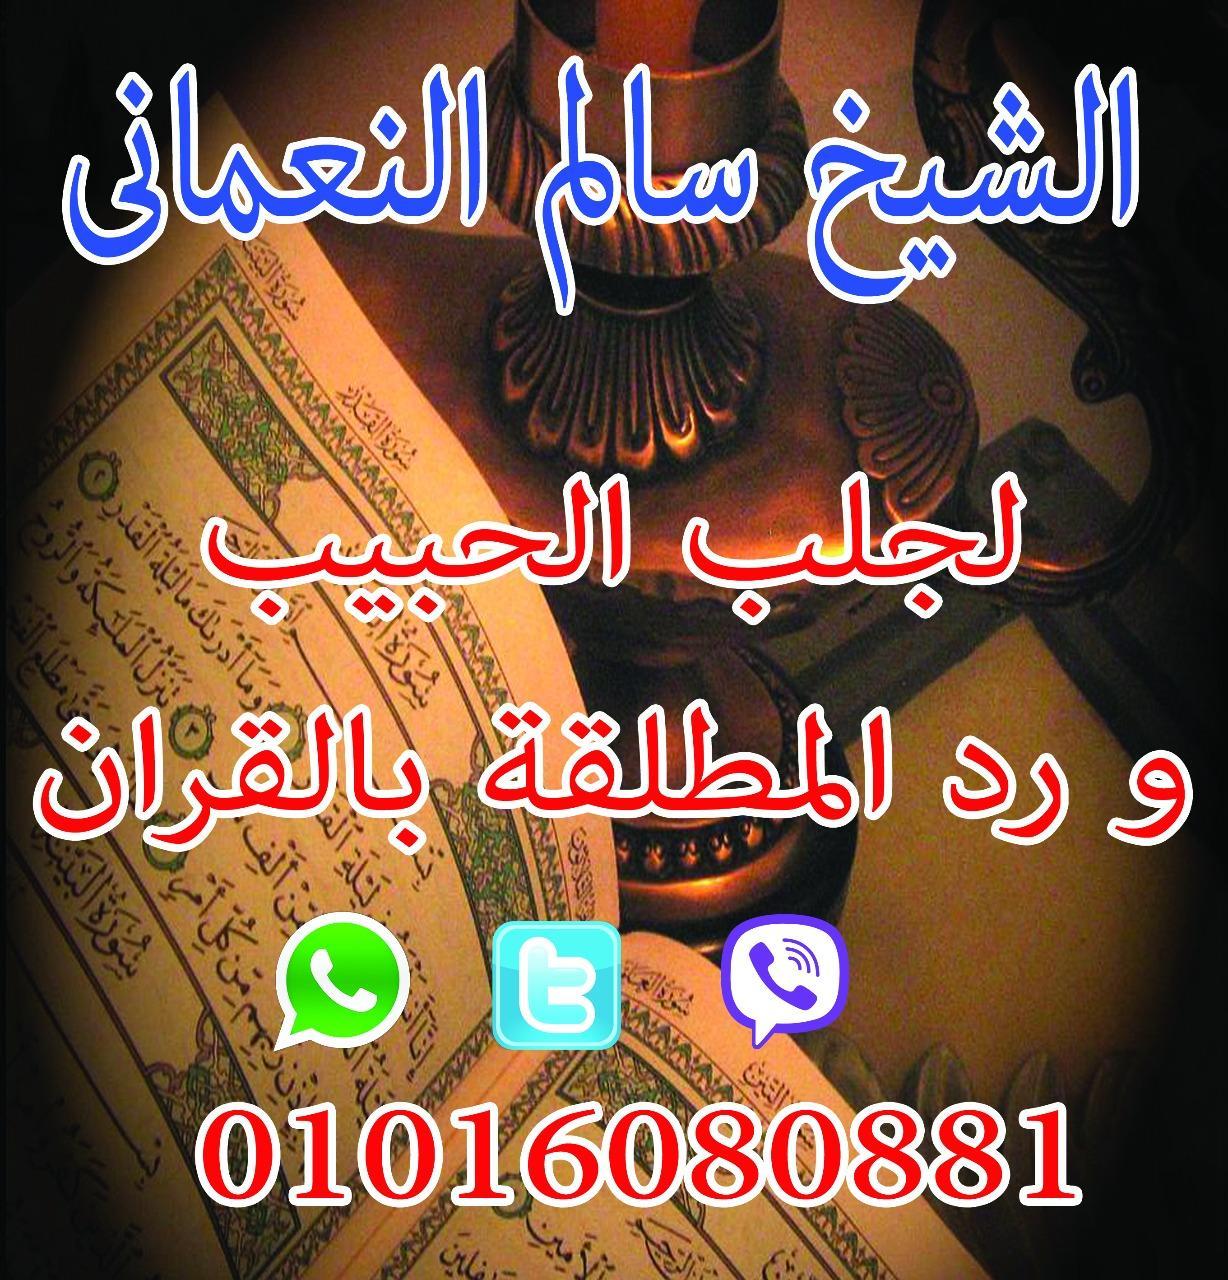 افضل روحاني السعودية00201016080881 401176569.jpg